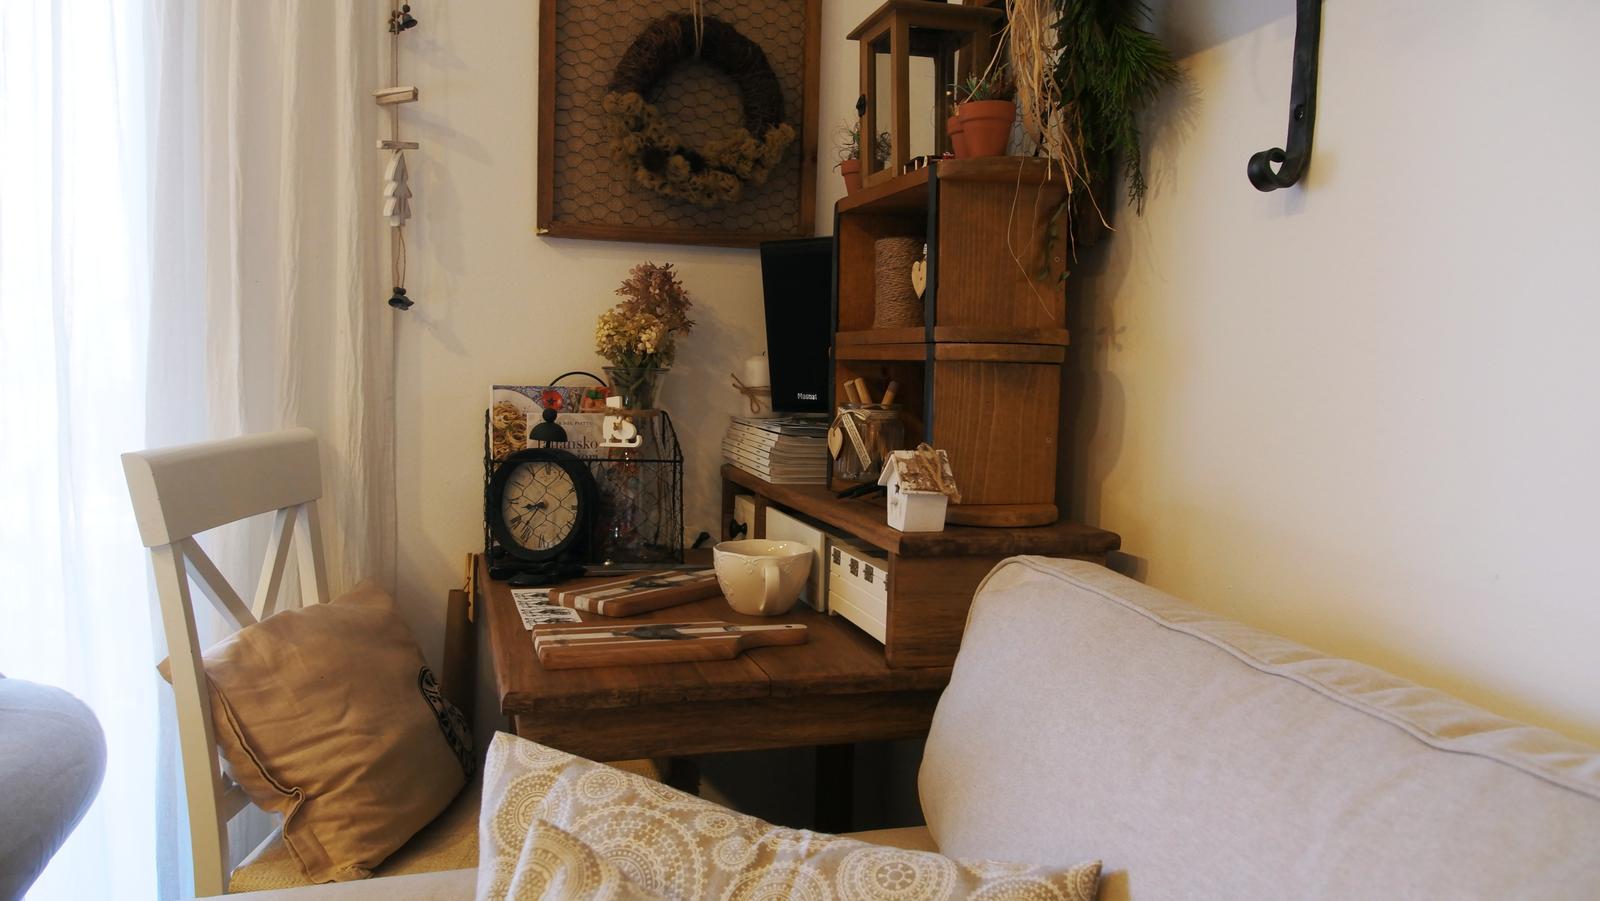 Náš domček ♡ Bramasole ♡ ... Stilo interiér aj exteriér 4. rok bývania - Obrázok č. 3